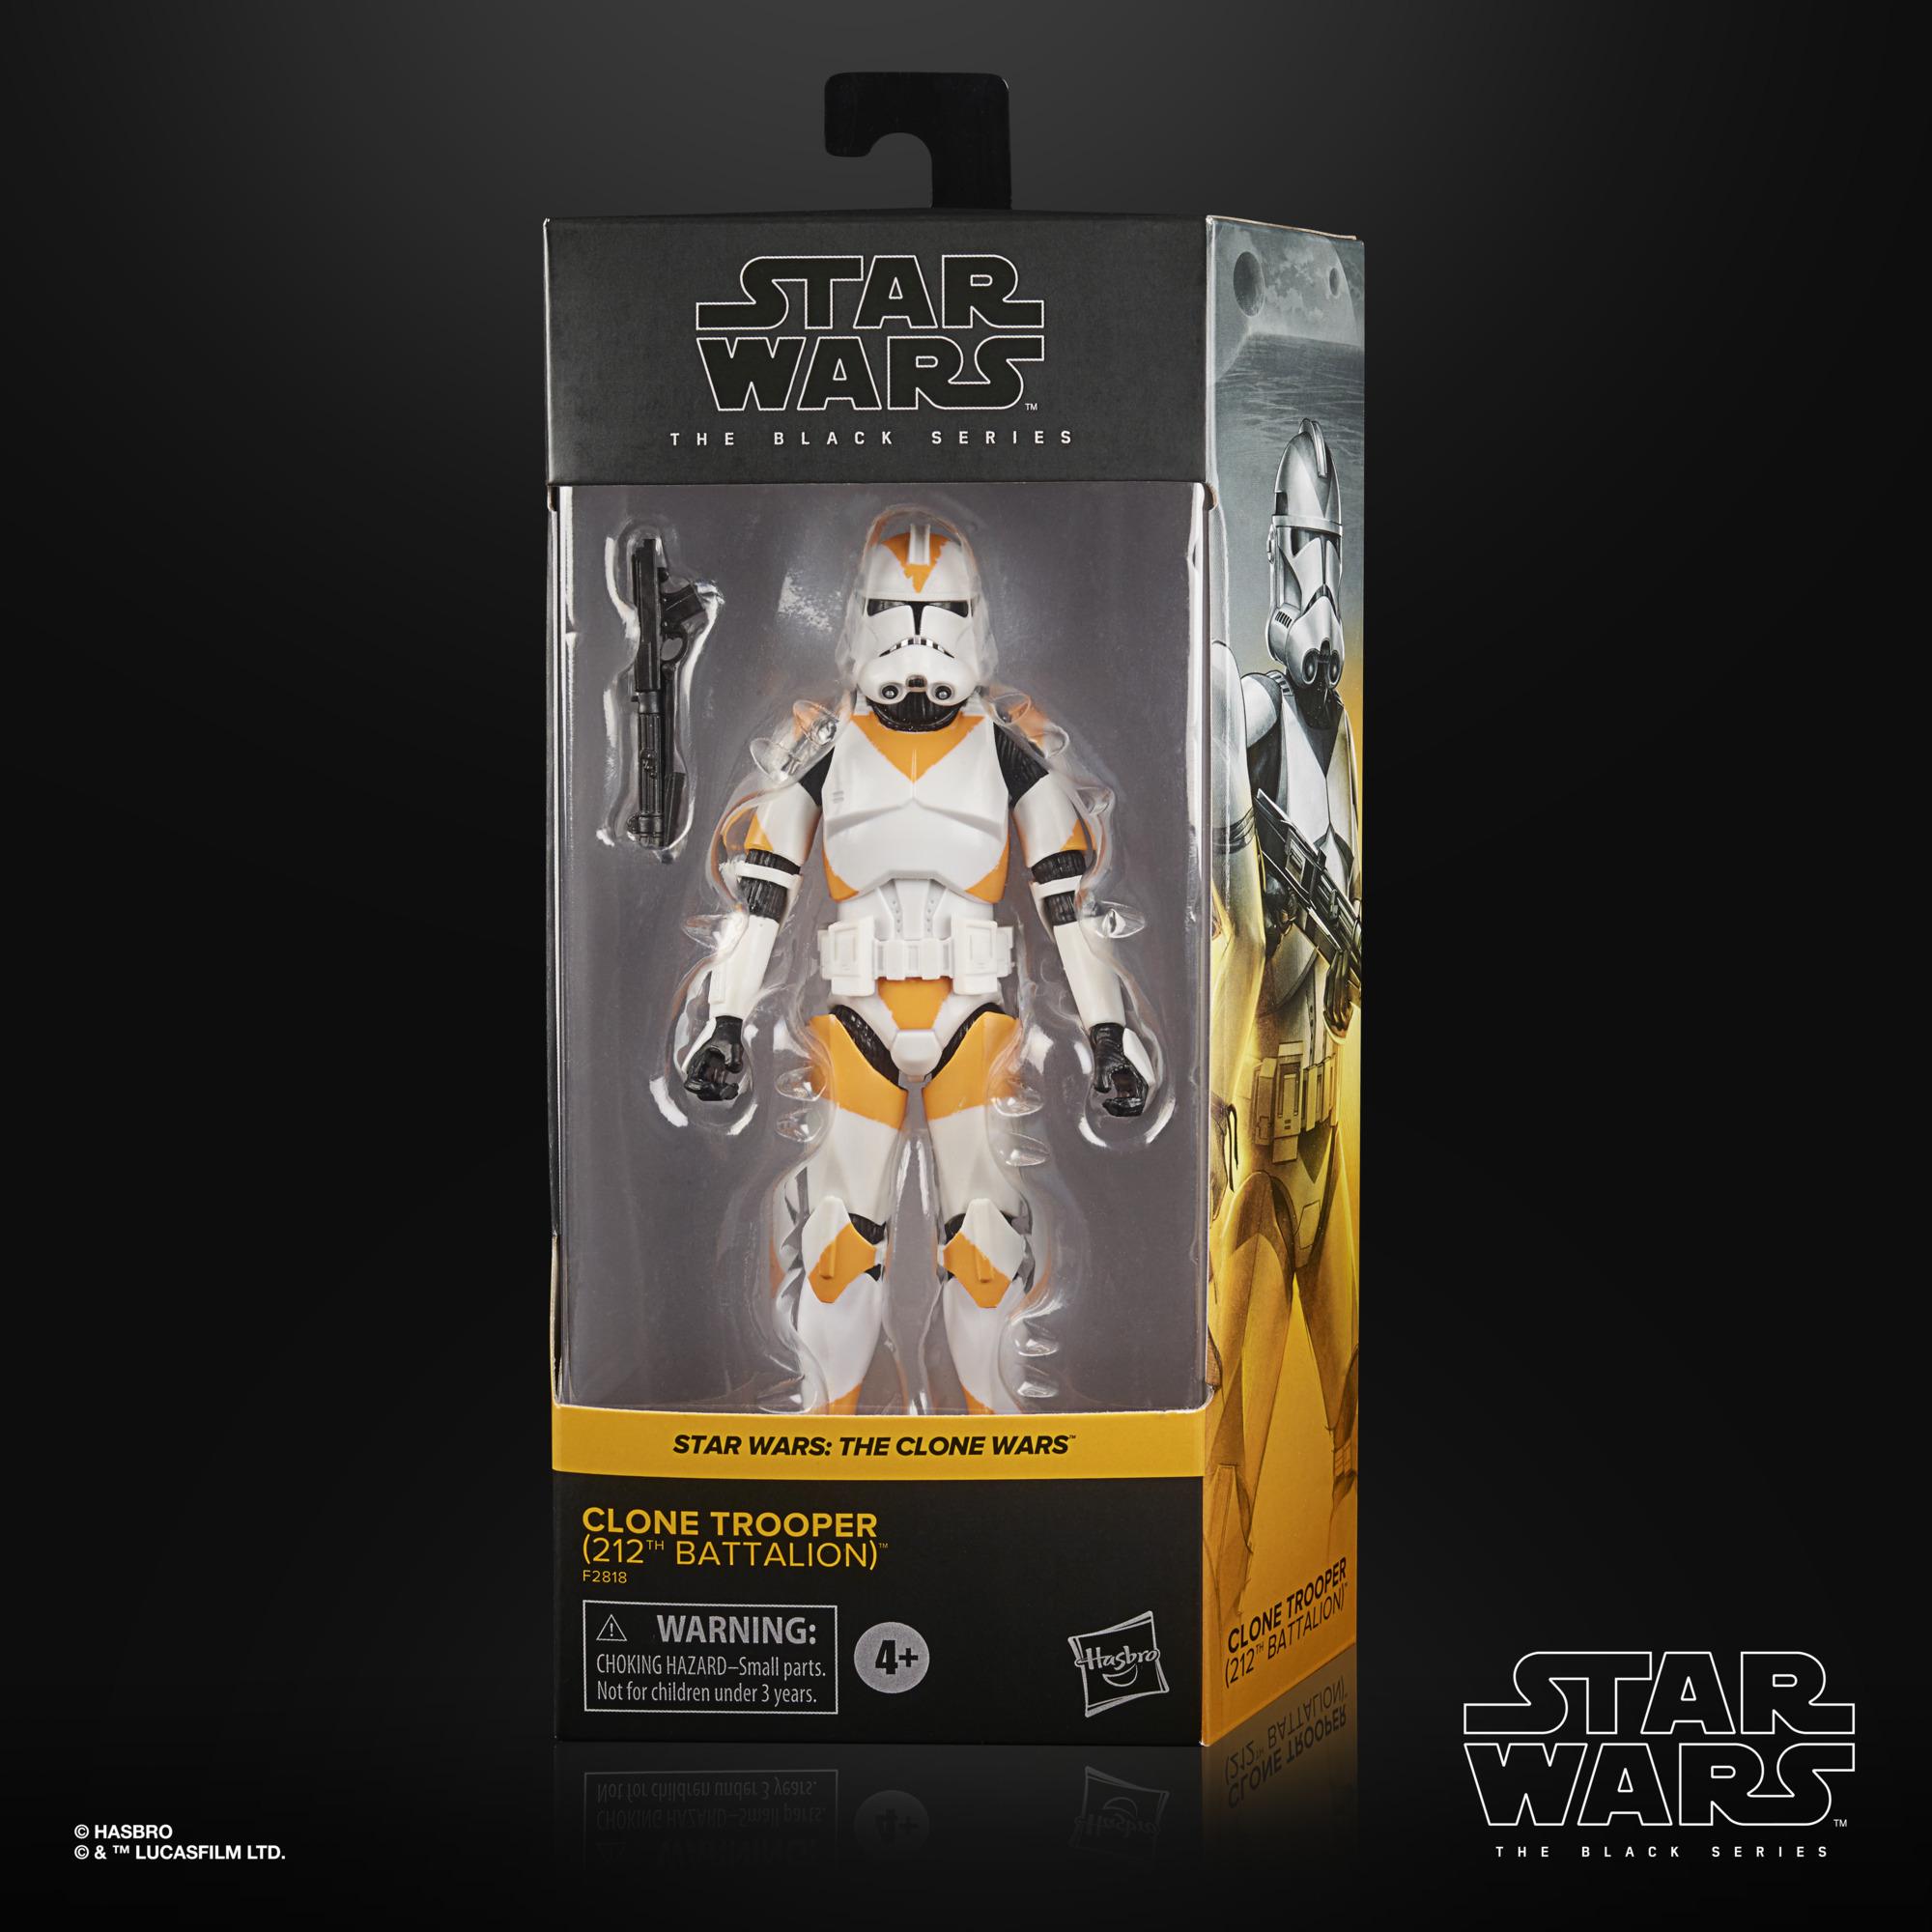 Star Wars The Black Series Clone Trooper (212th Battalion) F28185L0 5010993911844